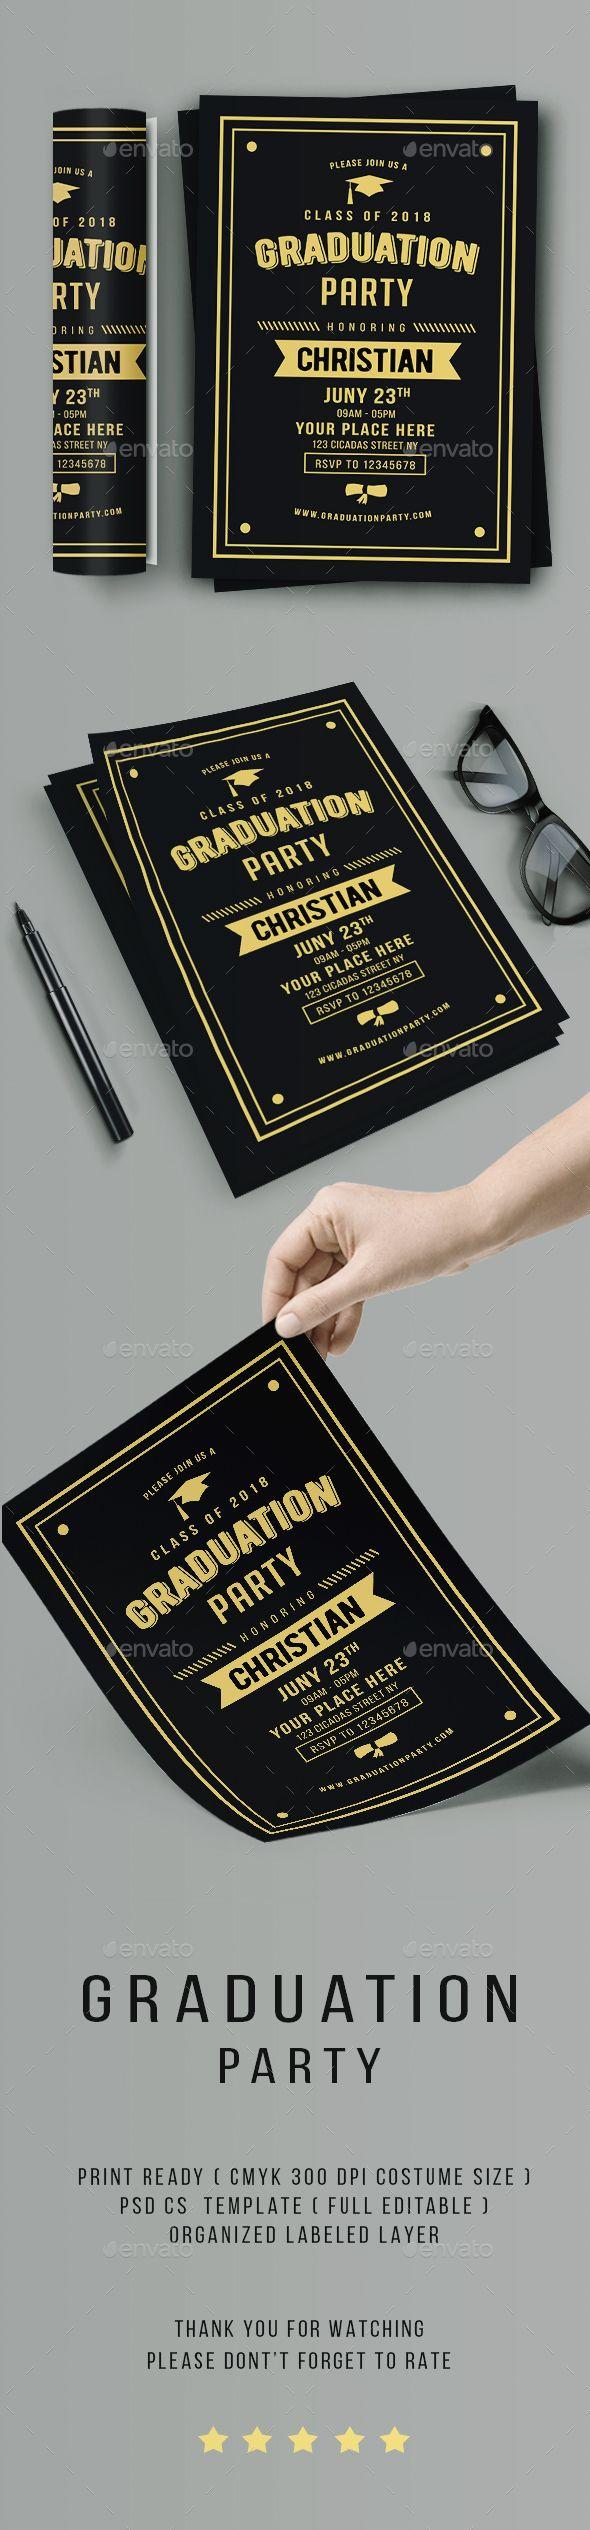 Vintage Graduation Invitation Template PSD